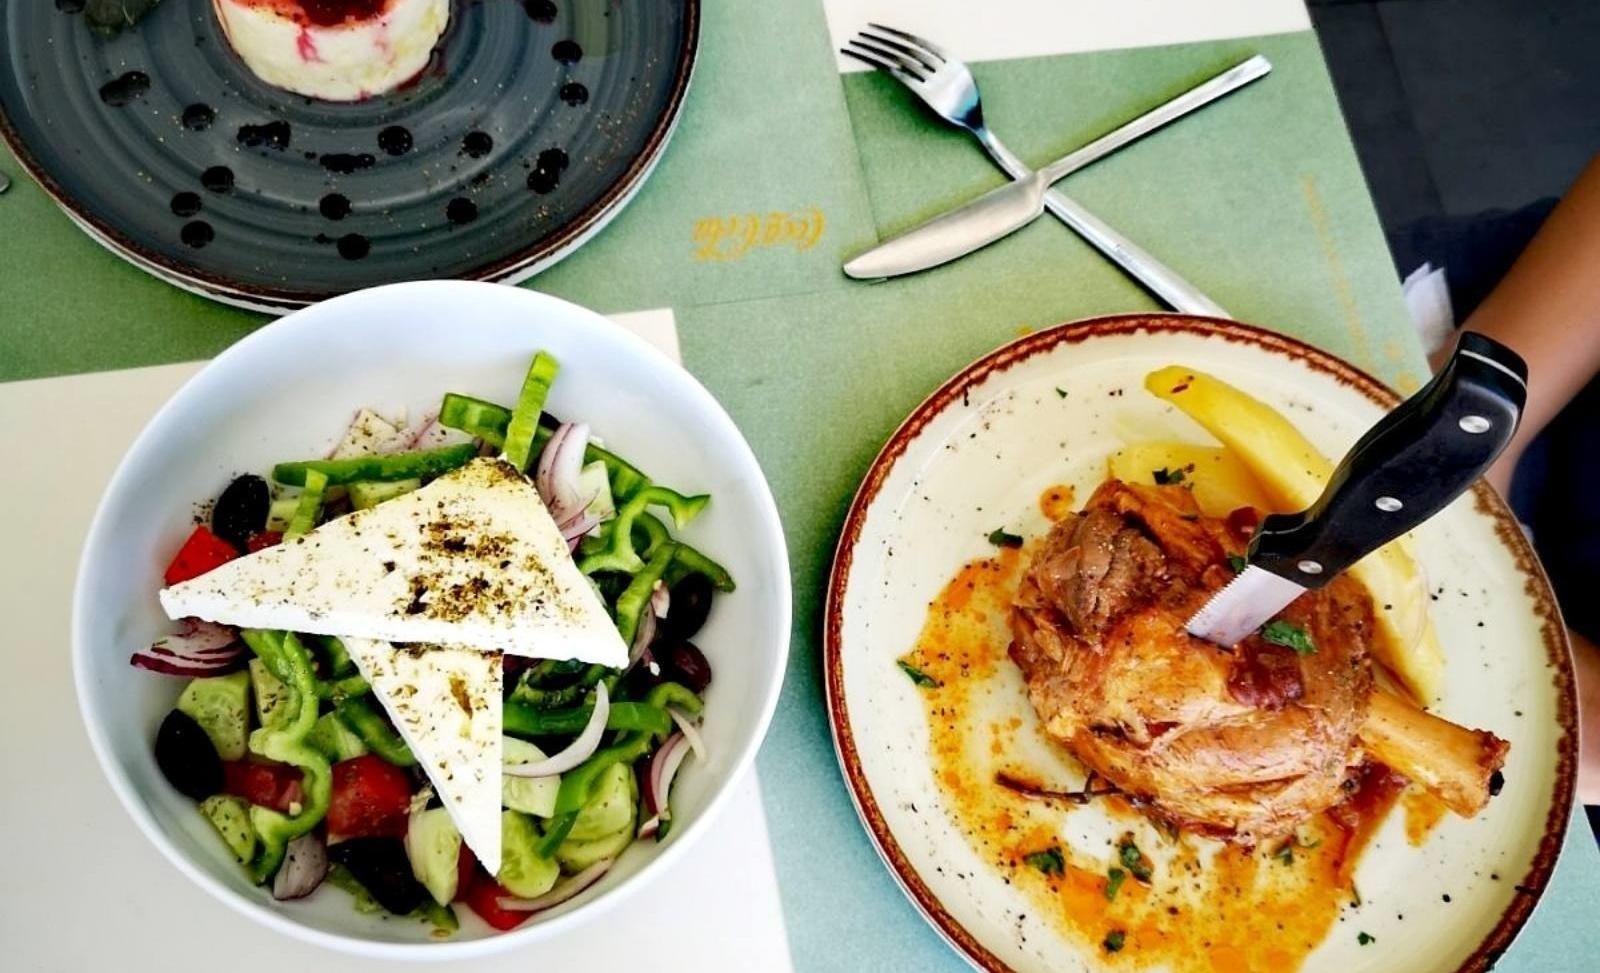 Τώρα μπορείς να απολαύσεις το φαγητό του Ευ Κουζήν παντού με μια μόνο εφαρμογή